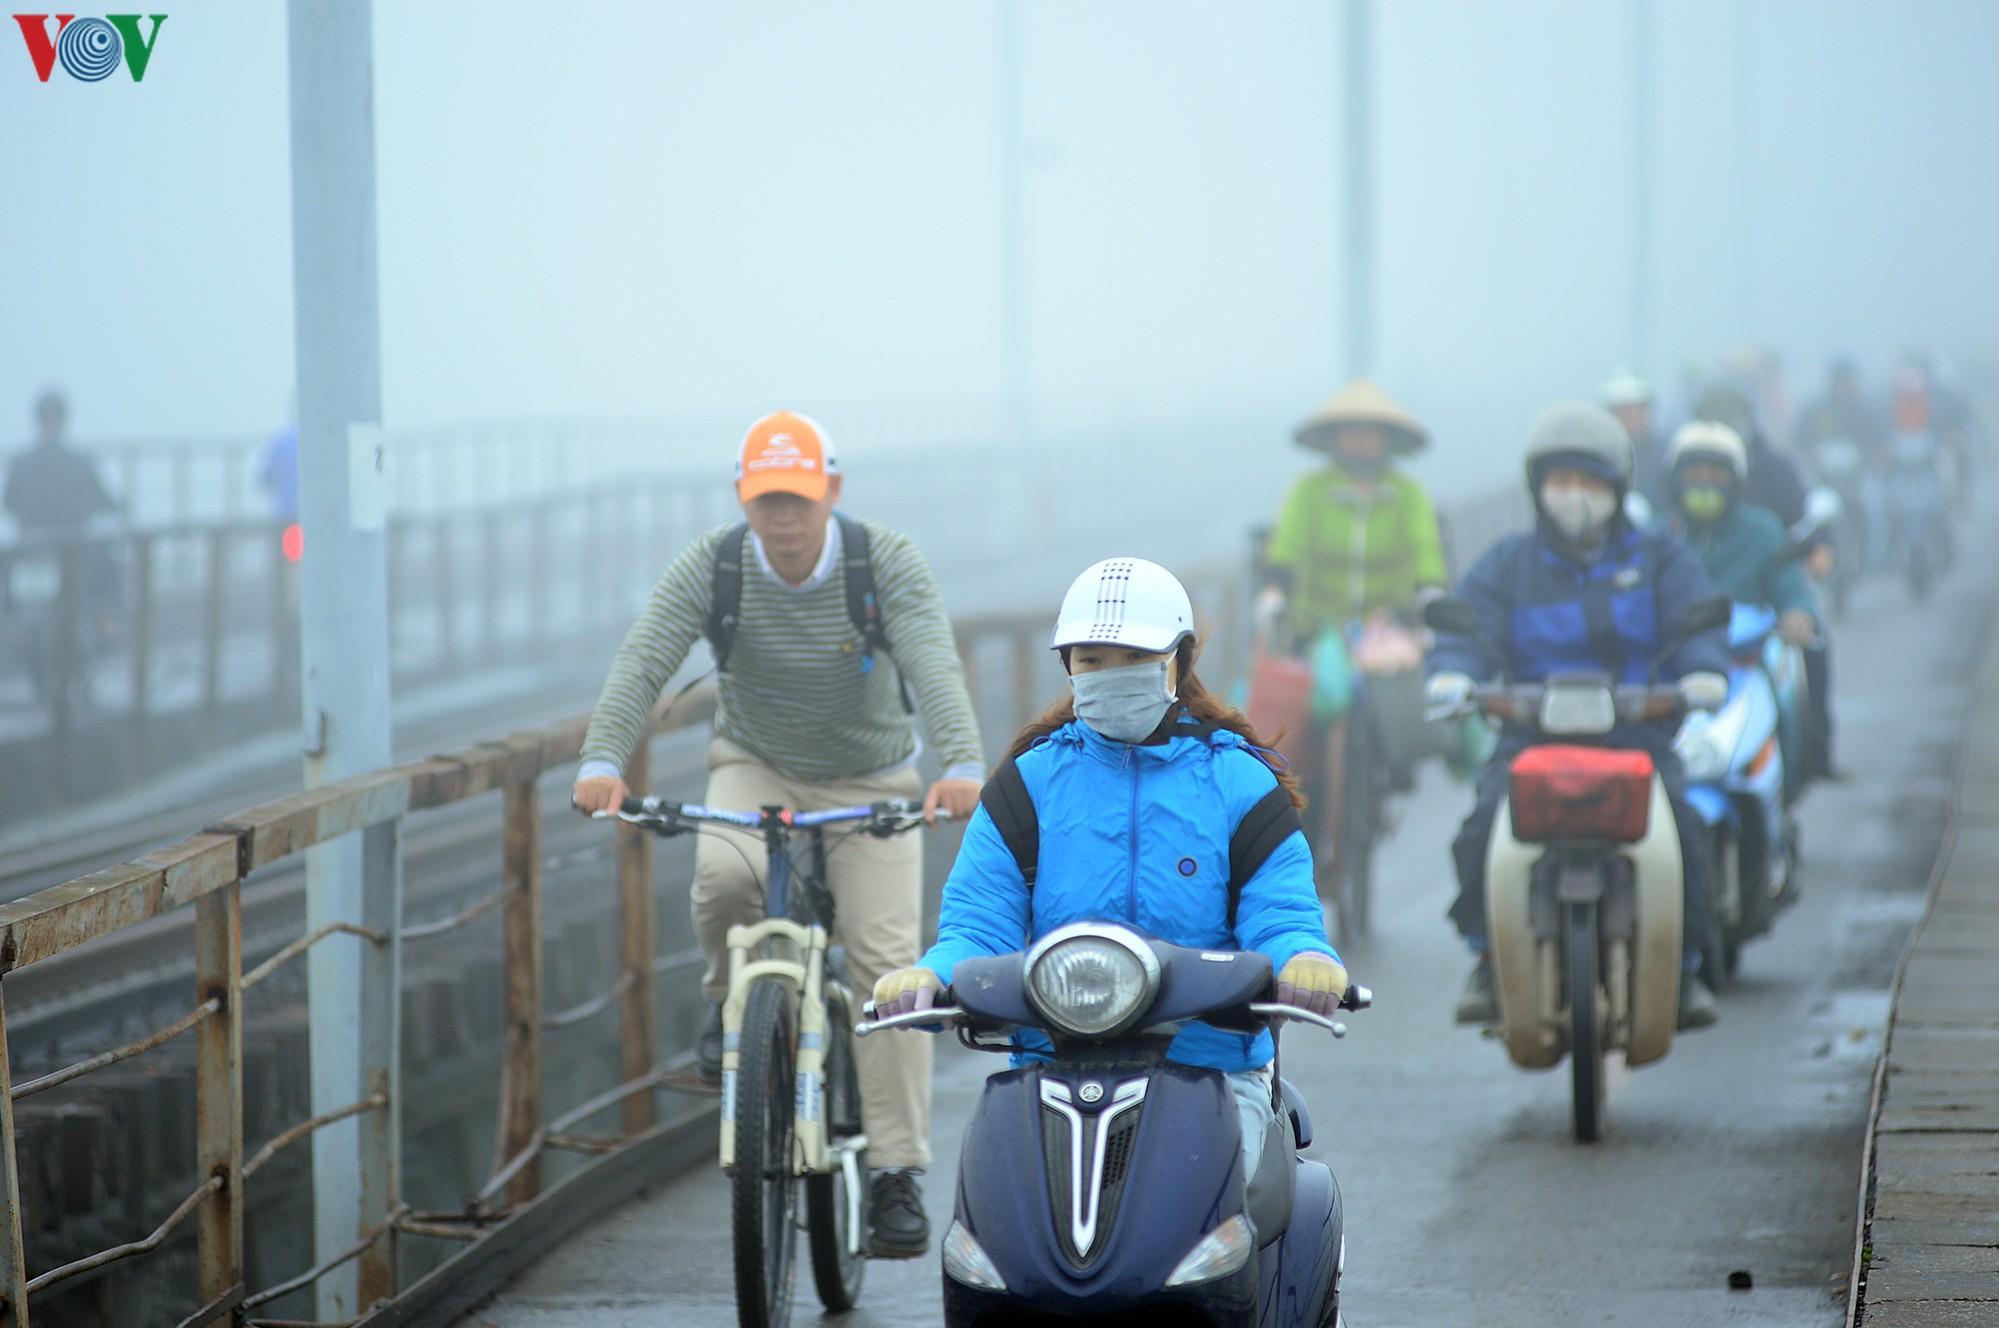 Hà Nội lại chìm trong sương mù dày đặc Ảnh 8